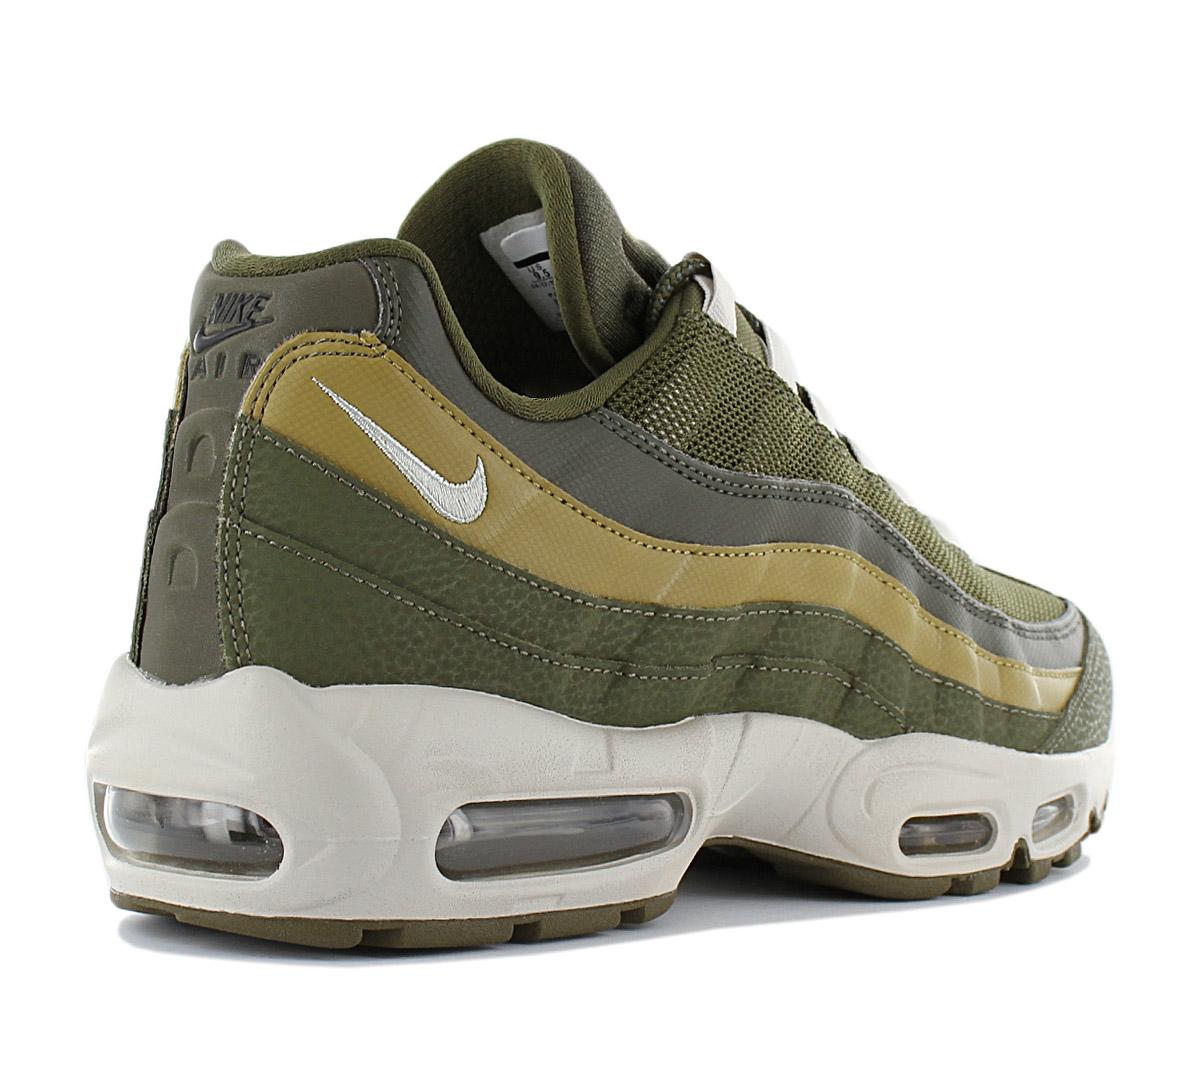 Detalles de Nike Hombre Zapatos